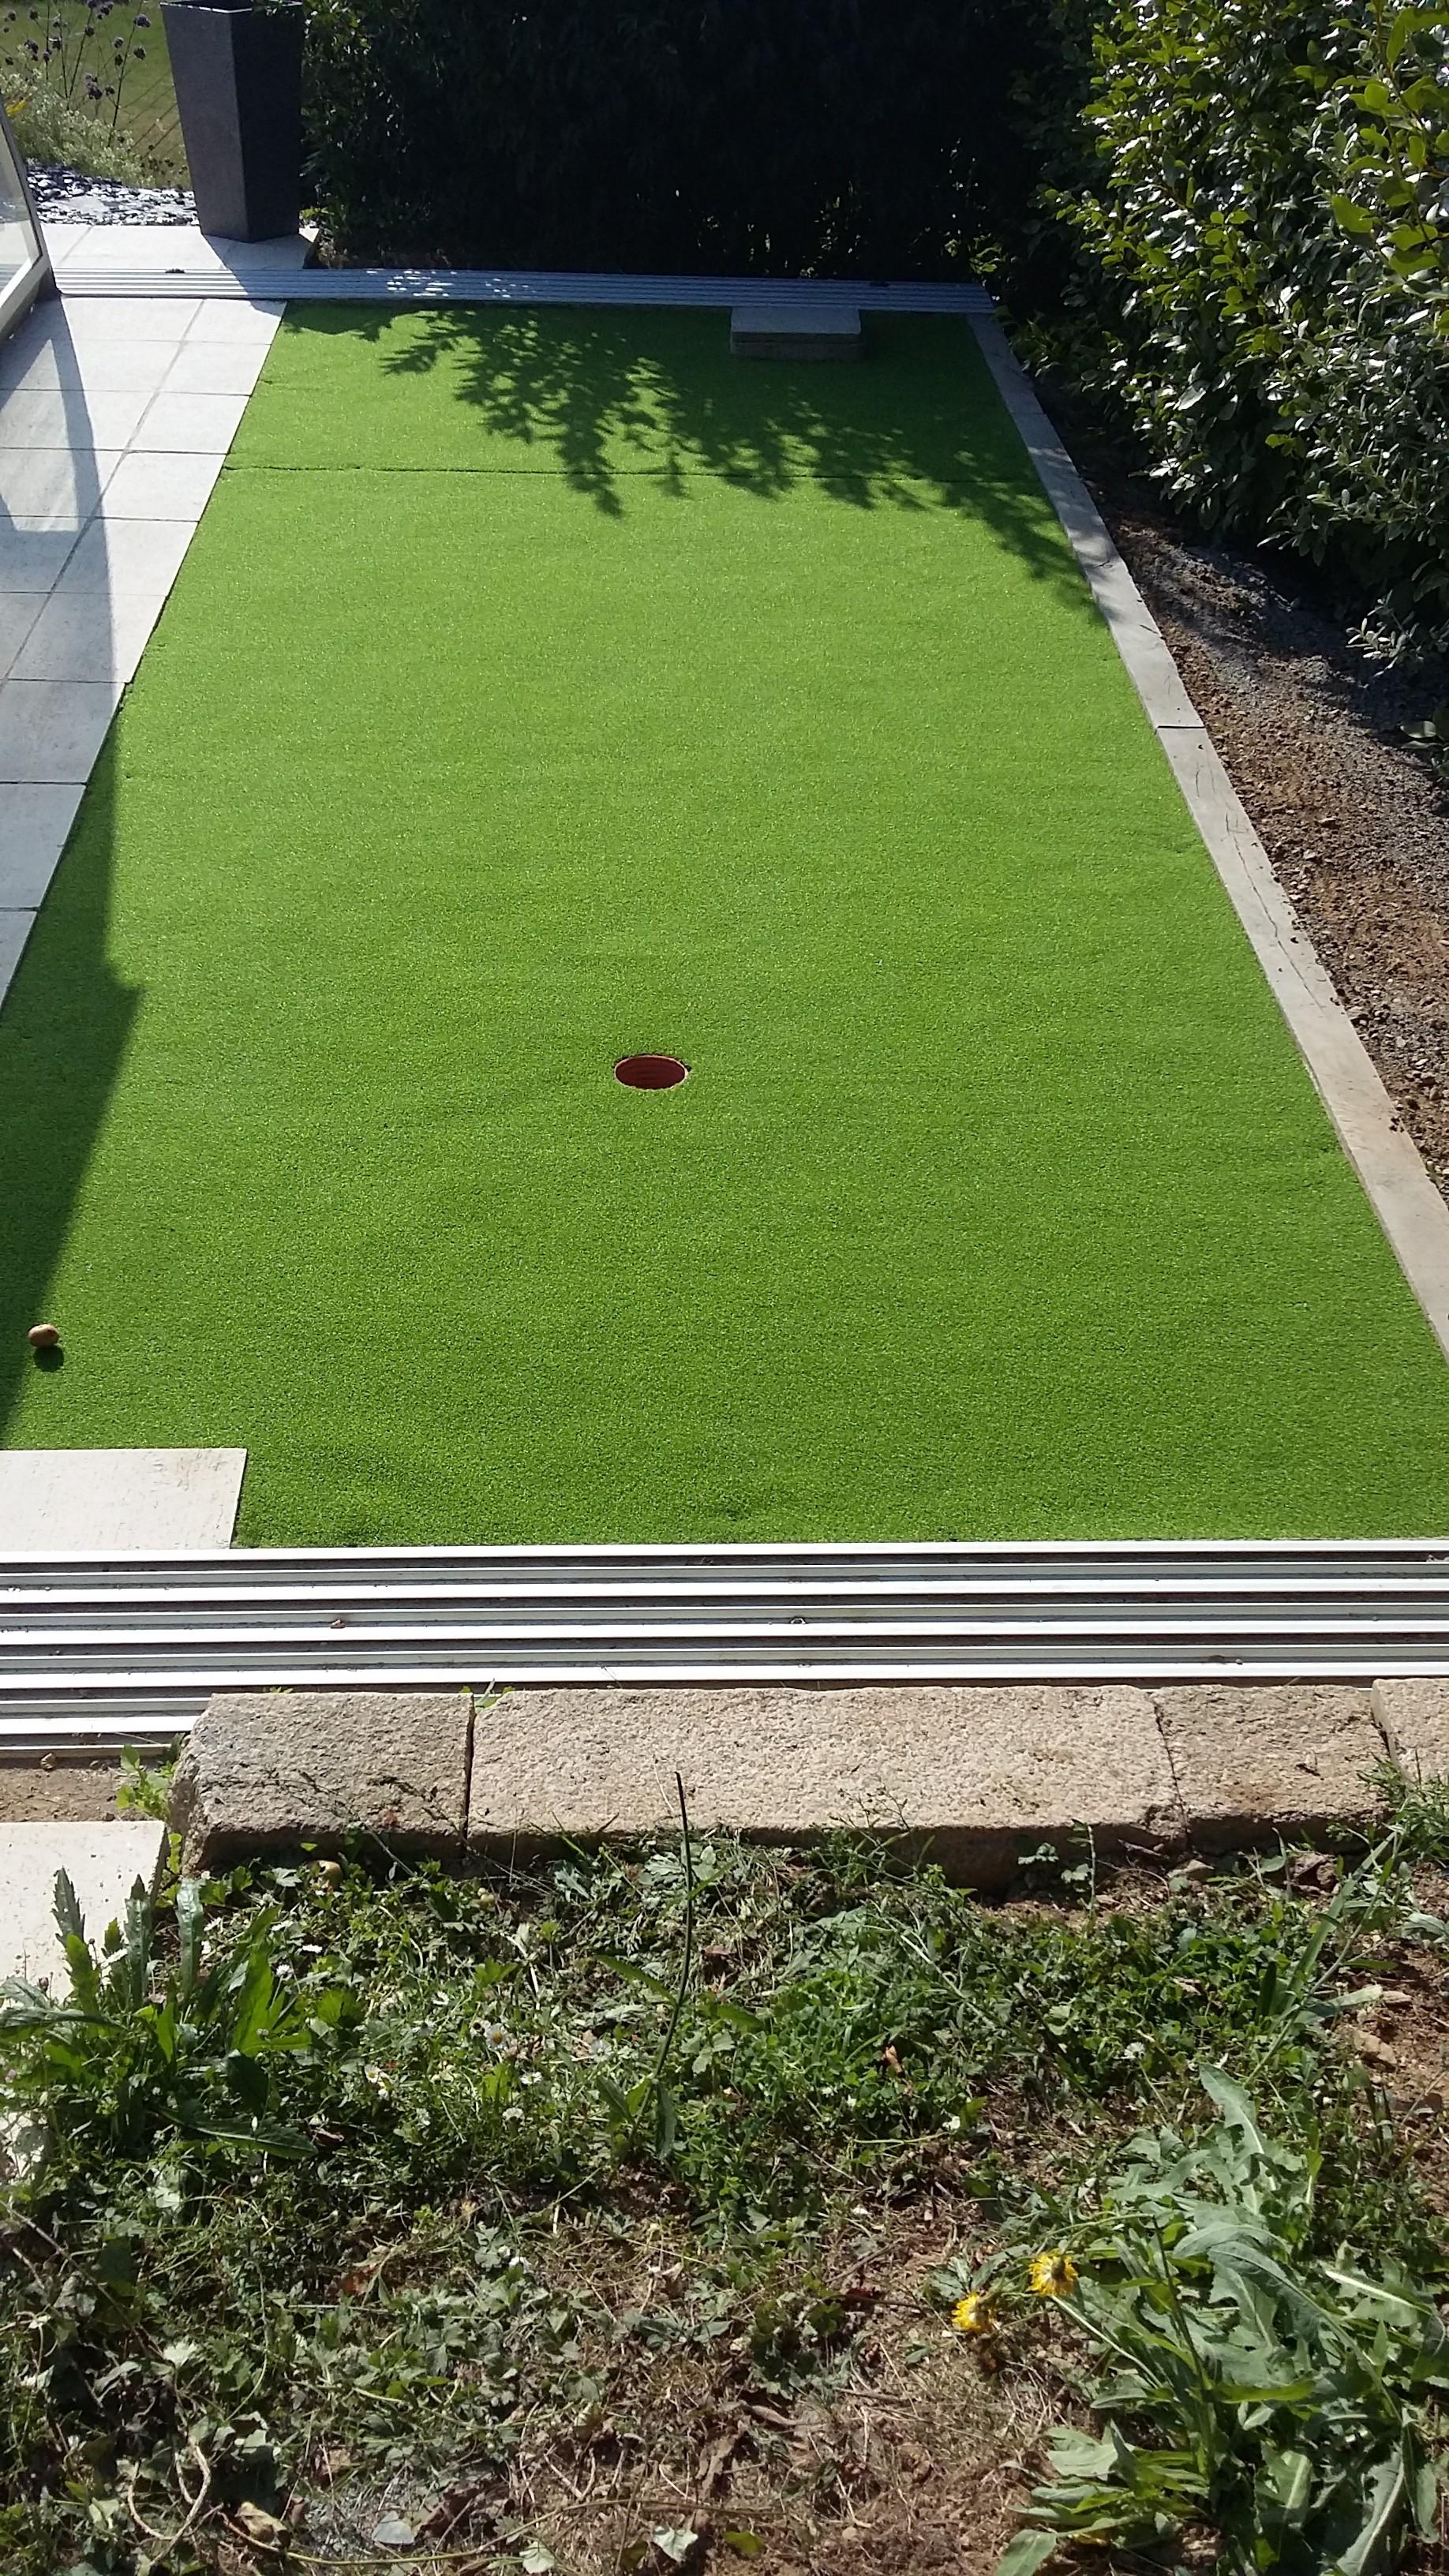 pelouse semi synthtique gazon artificiel images une nouvelle pelouse au top niveau europen. Black Bedroom Furniture Sets. Home Design Ideas